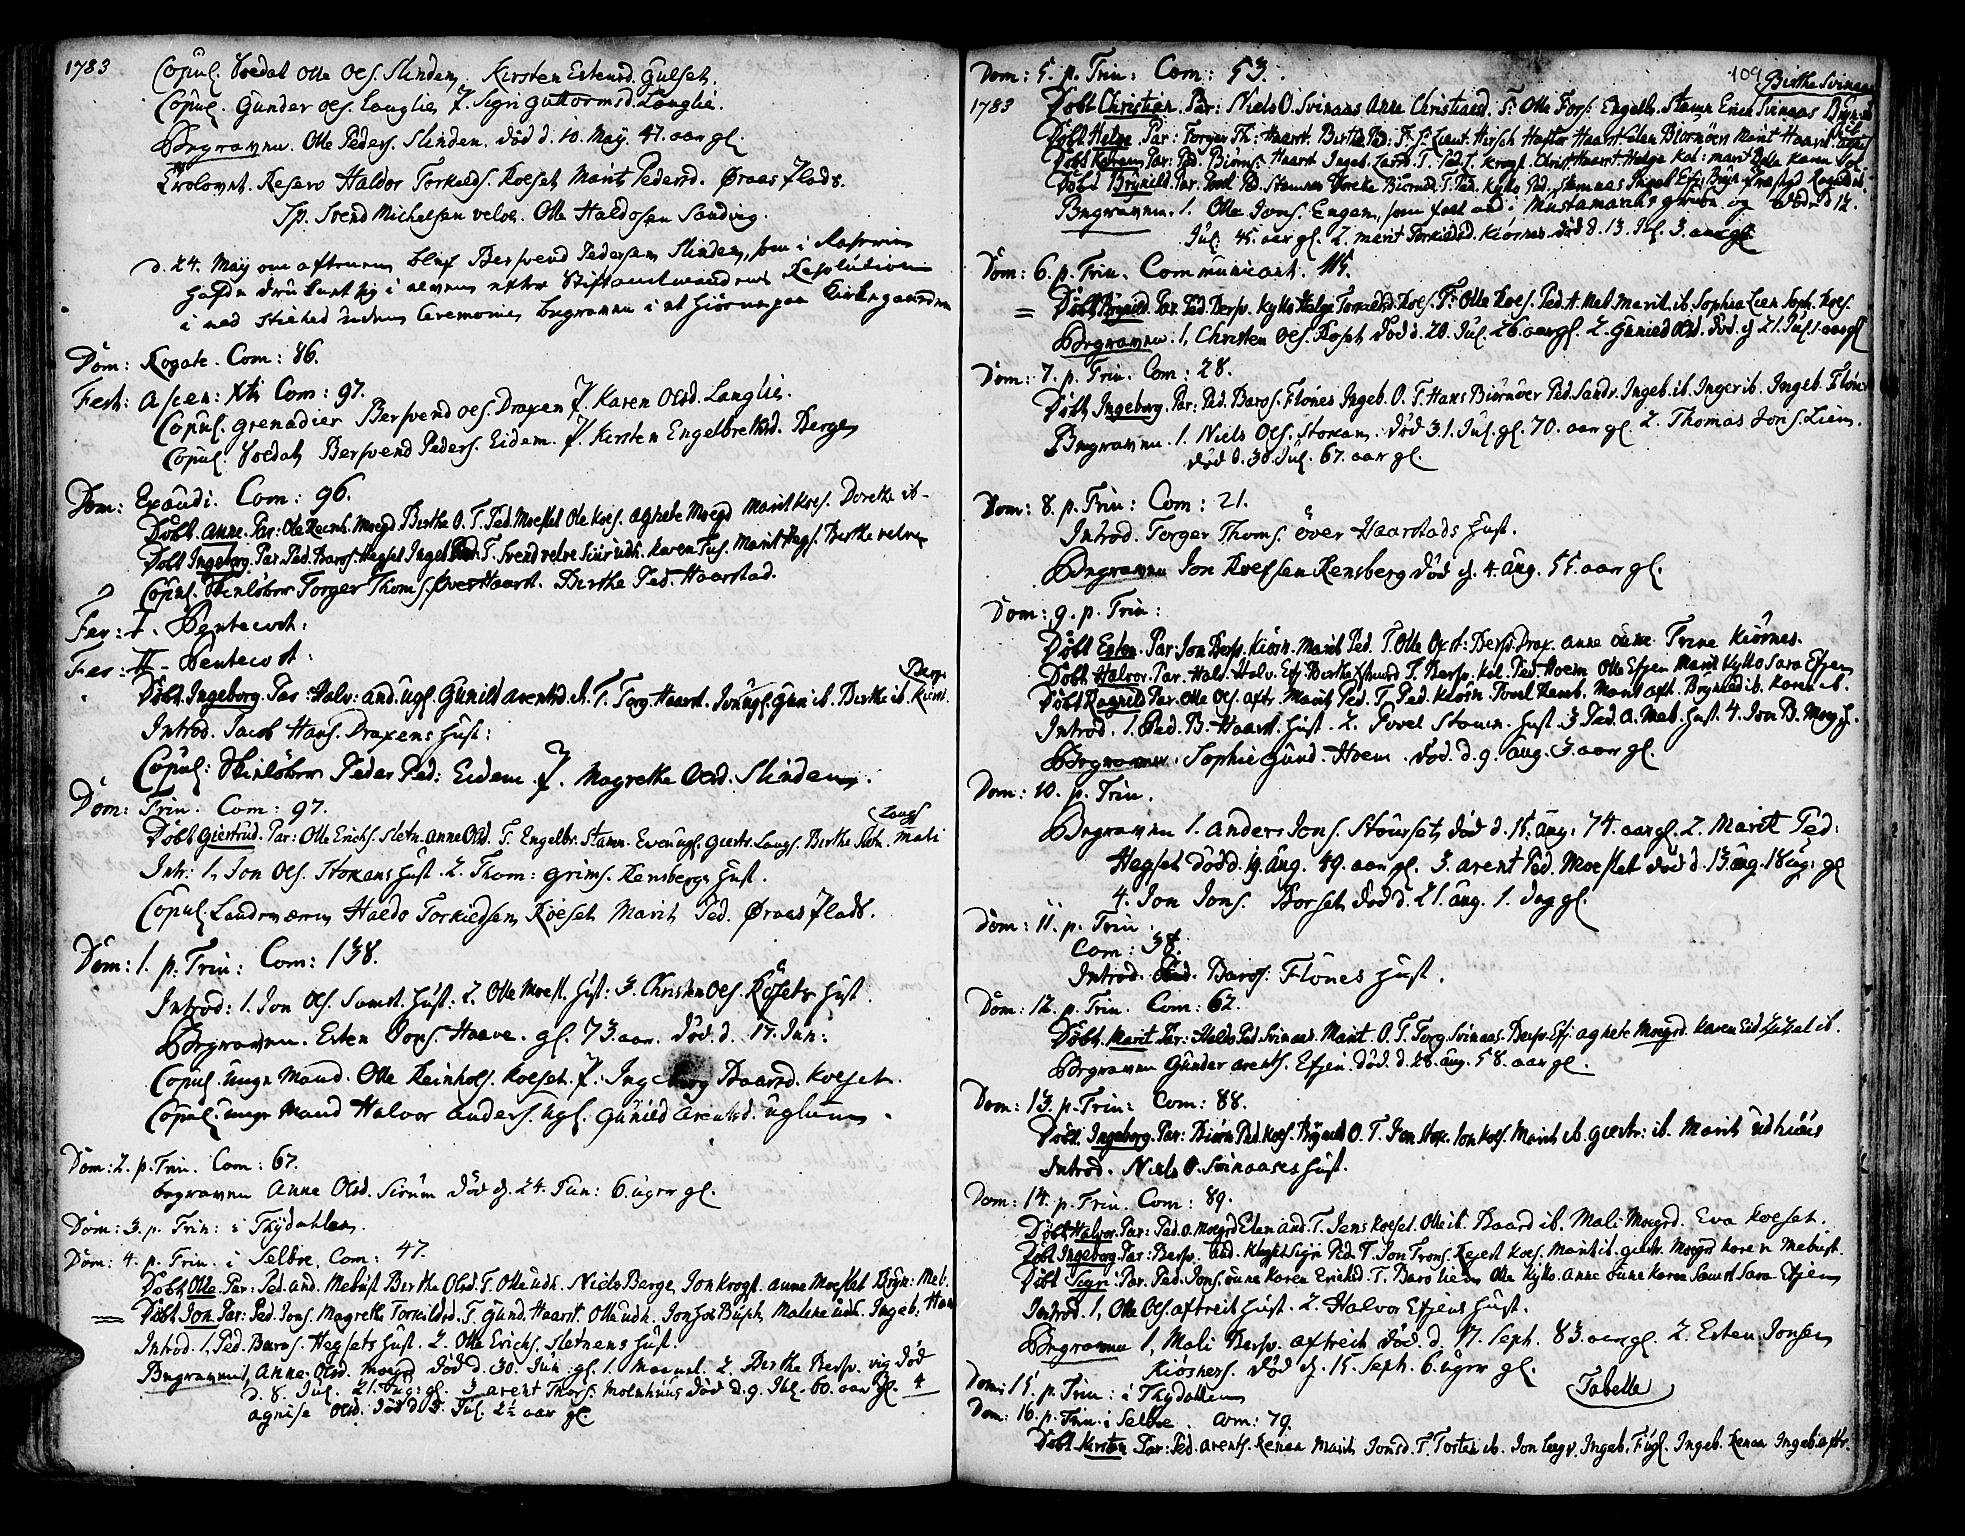 SAT, Ministerialprotokoller, klokkerbøker og fødselsregistre - Sør-Trøndelag, 695/L1138: Ministerialbok nr. 695A02 /1, 1757-1801, s. 109